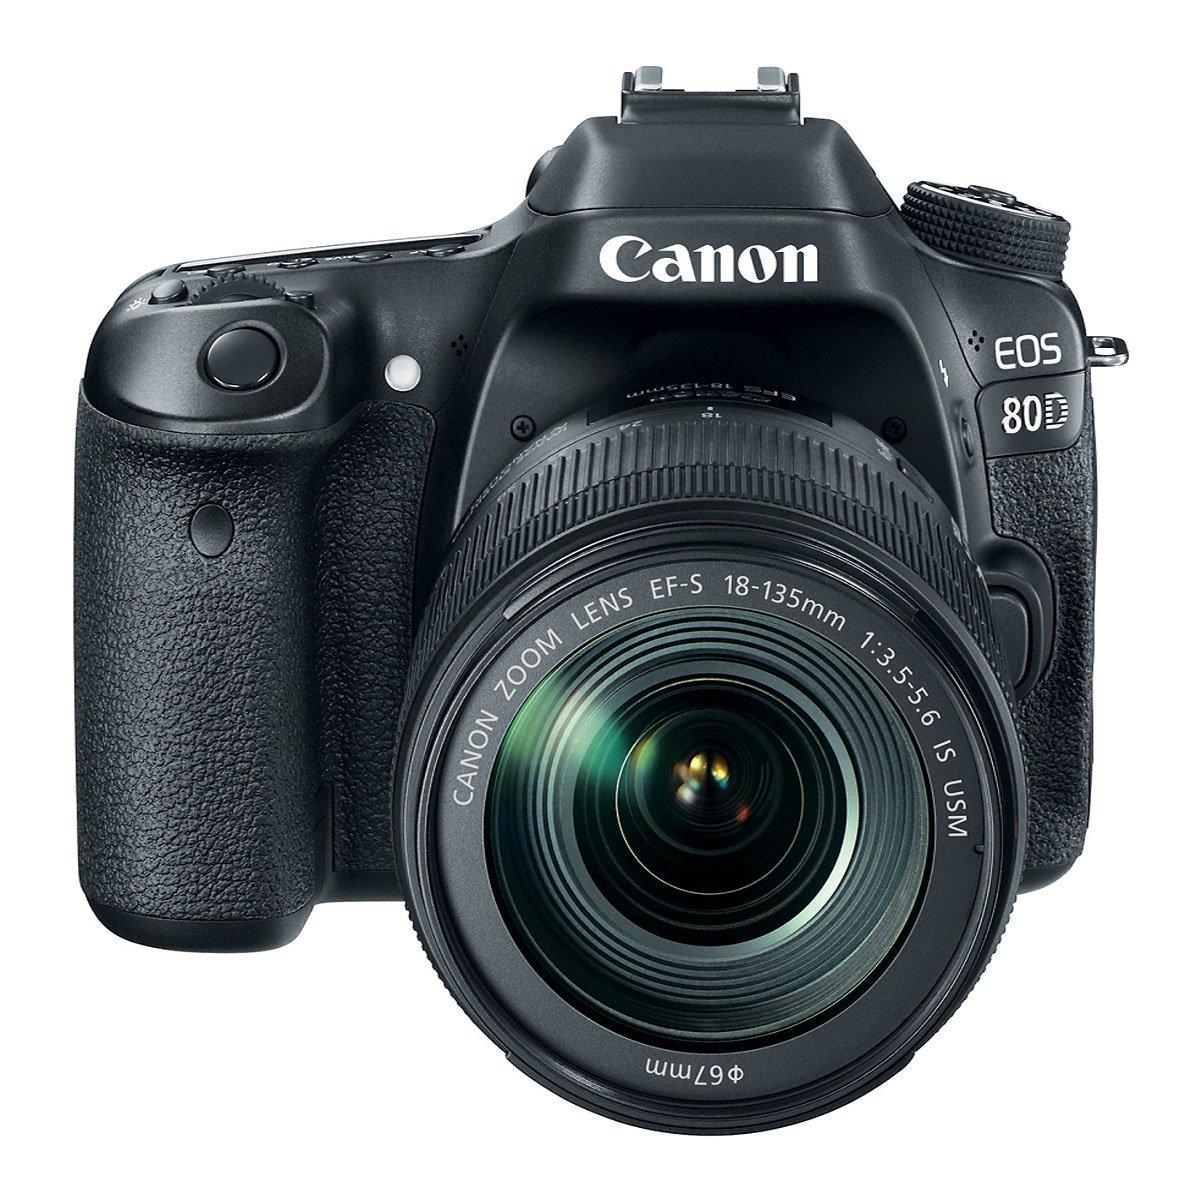 Cámara Canon Eos 80D 24.3 Mp Wi-Fi Ef-S18 - 135Mm